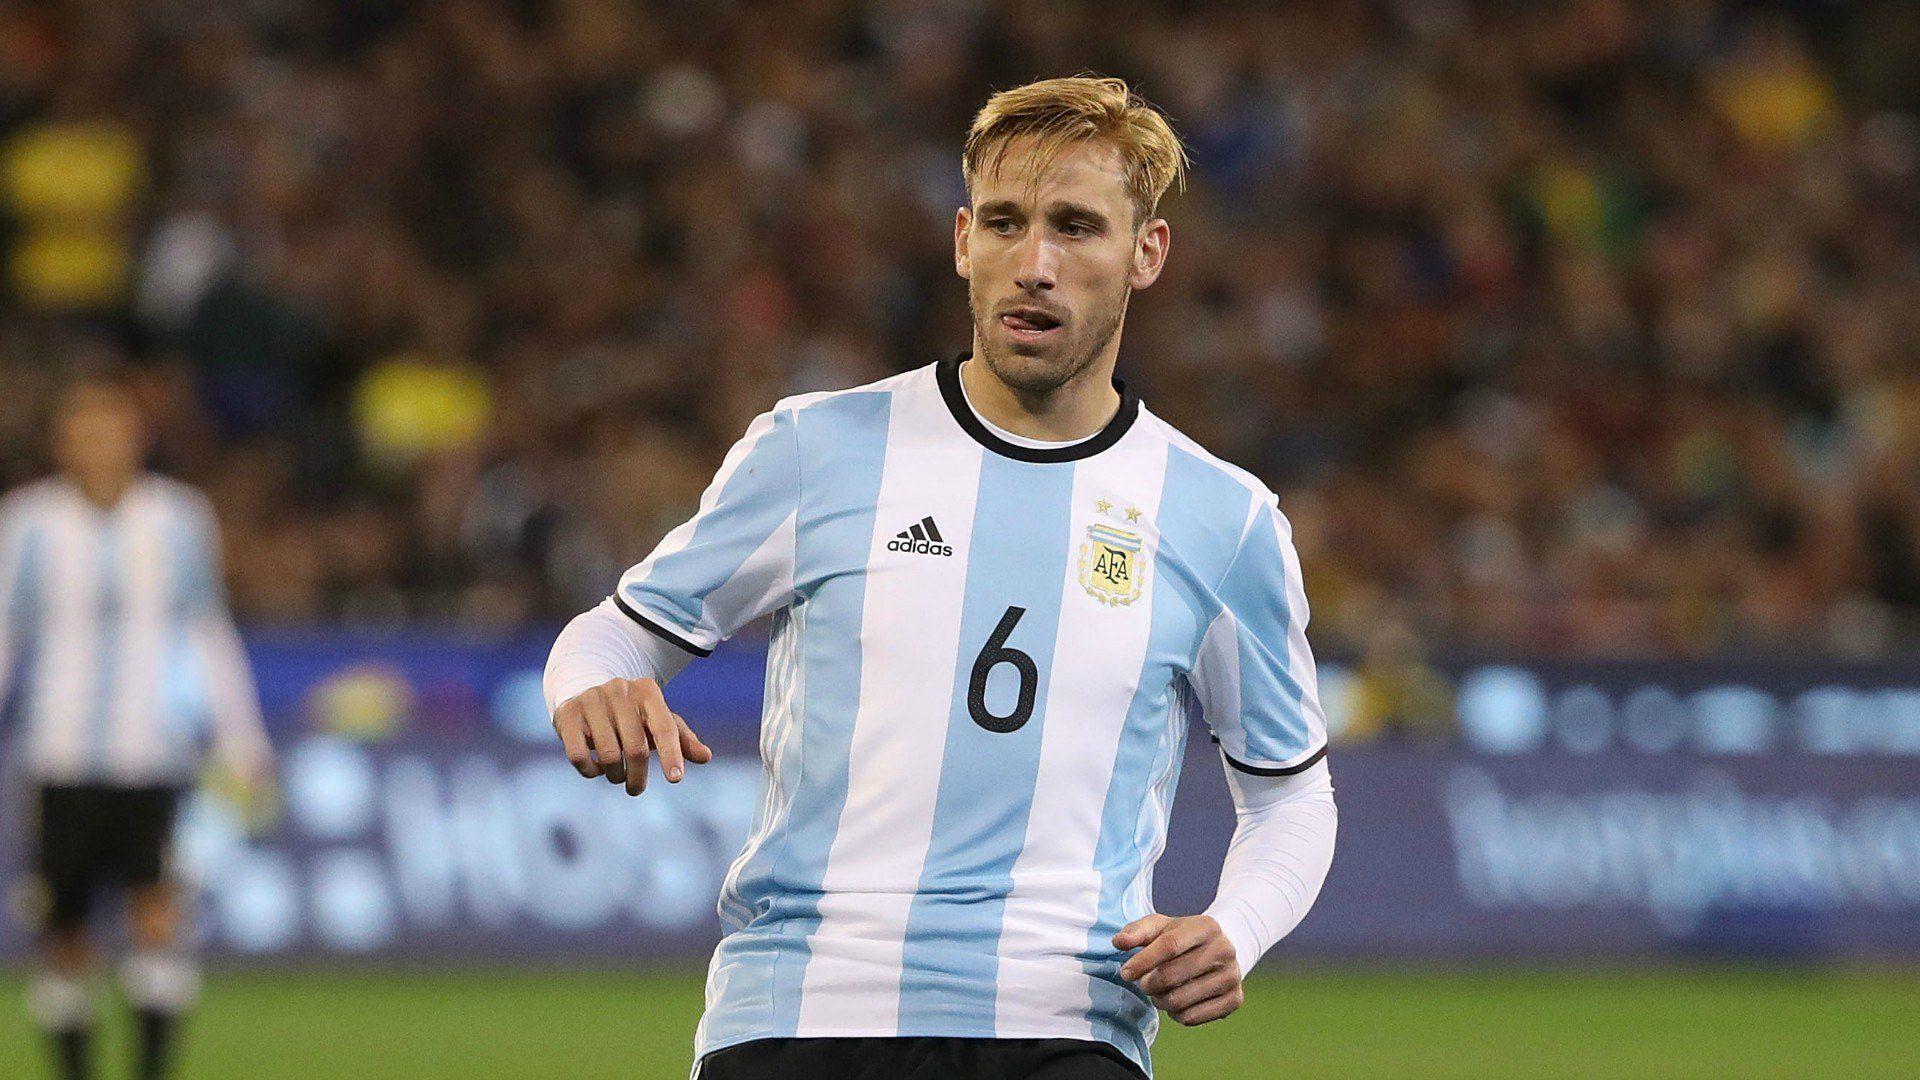 Σταμάτησε και ο Μπίλια από την Αργεντινή